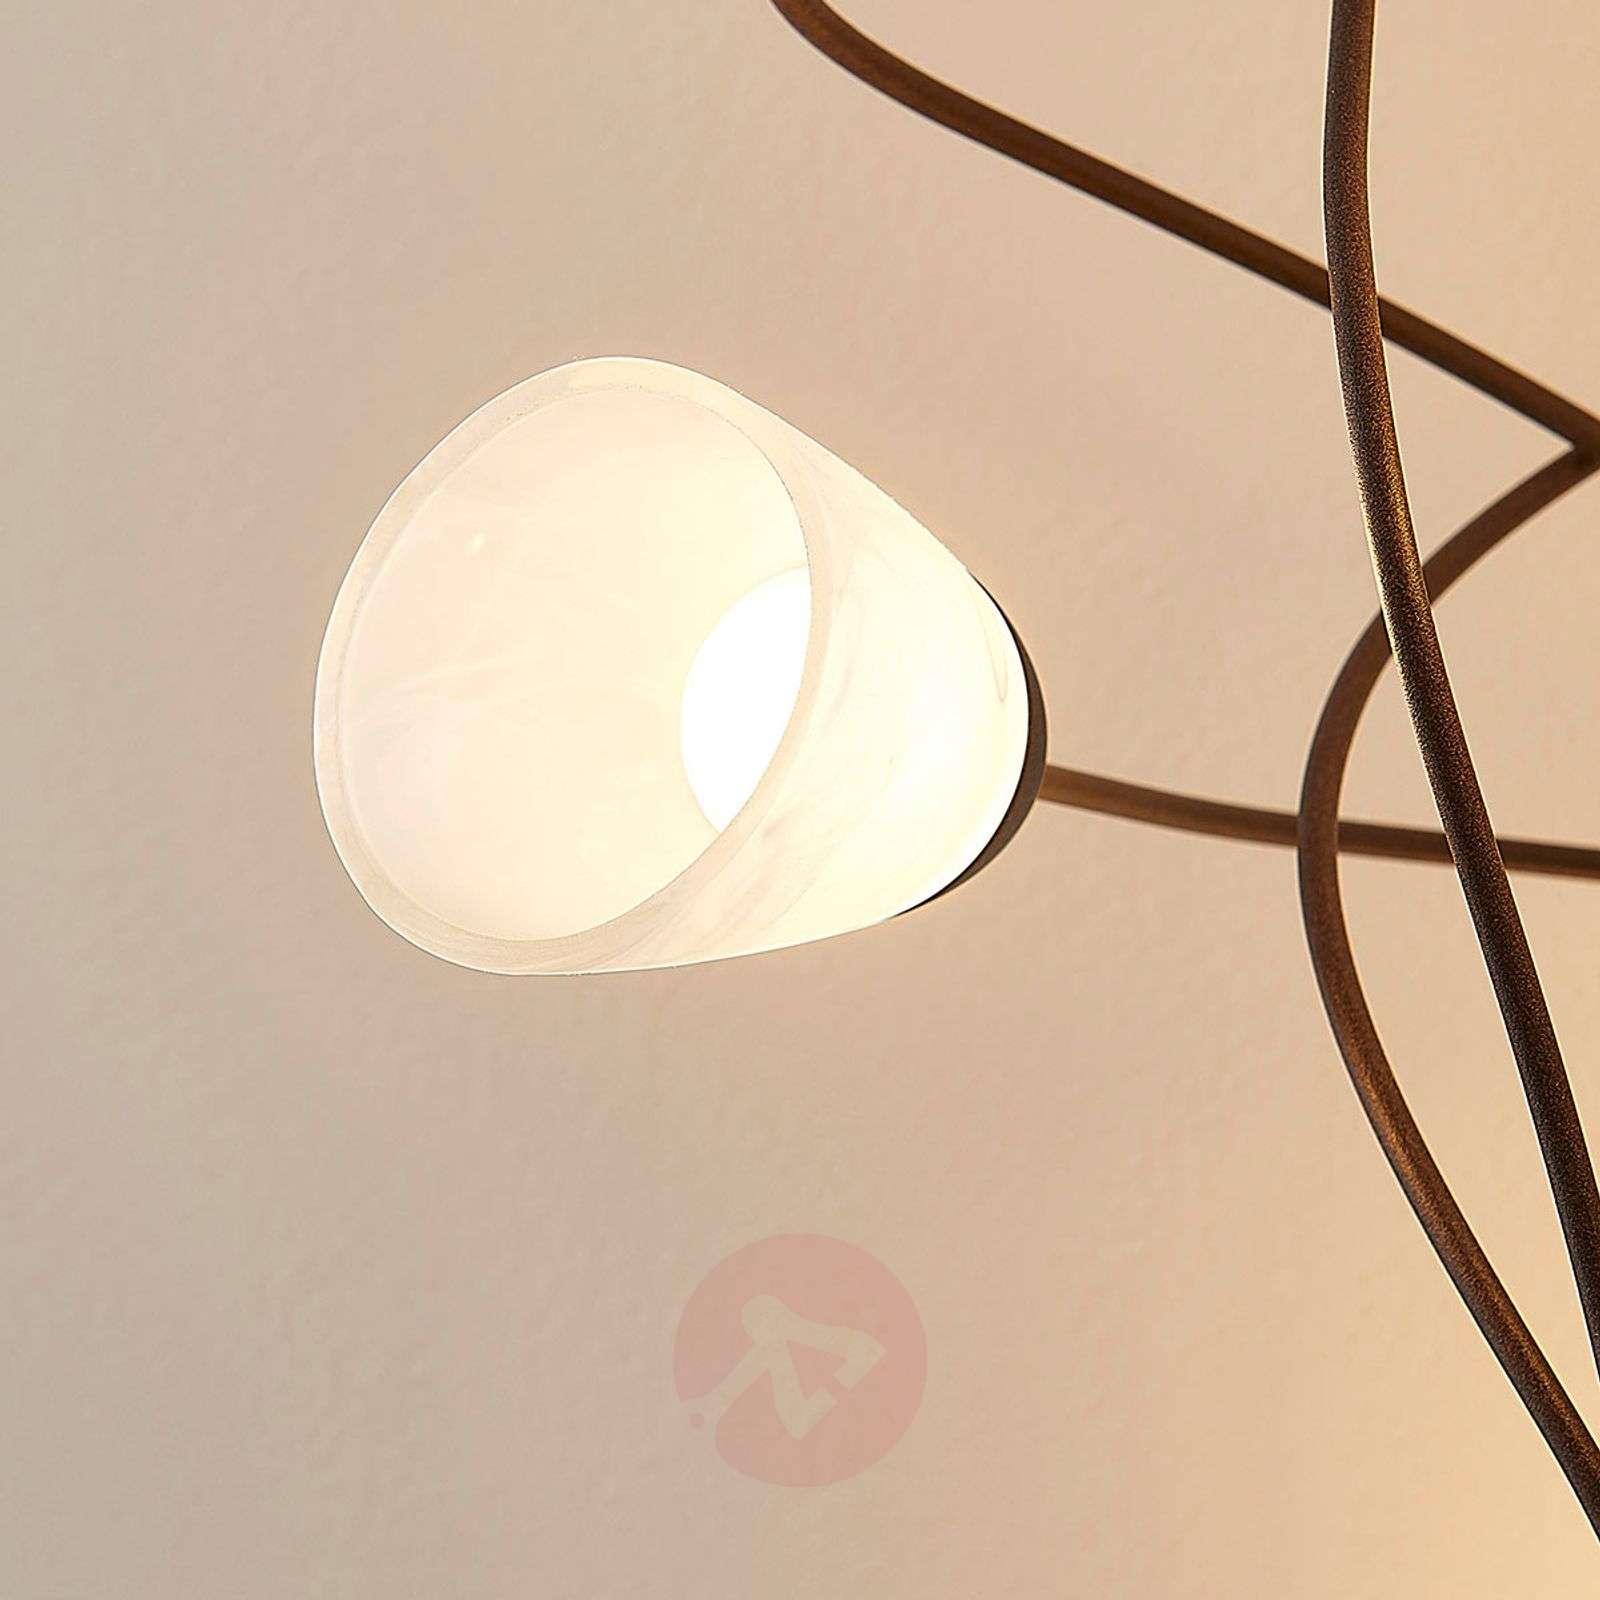 Hannes himmennettävä LED-pöytävalaisin-9624038-01